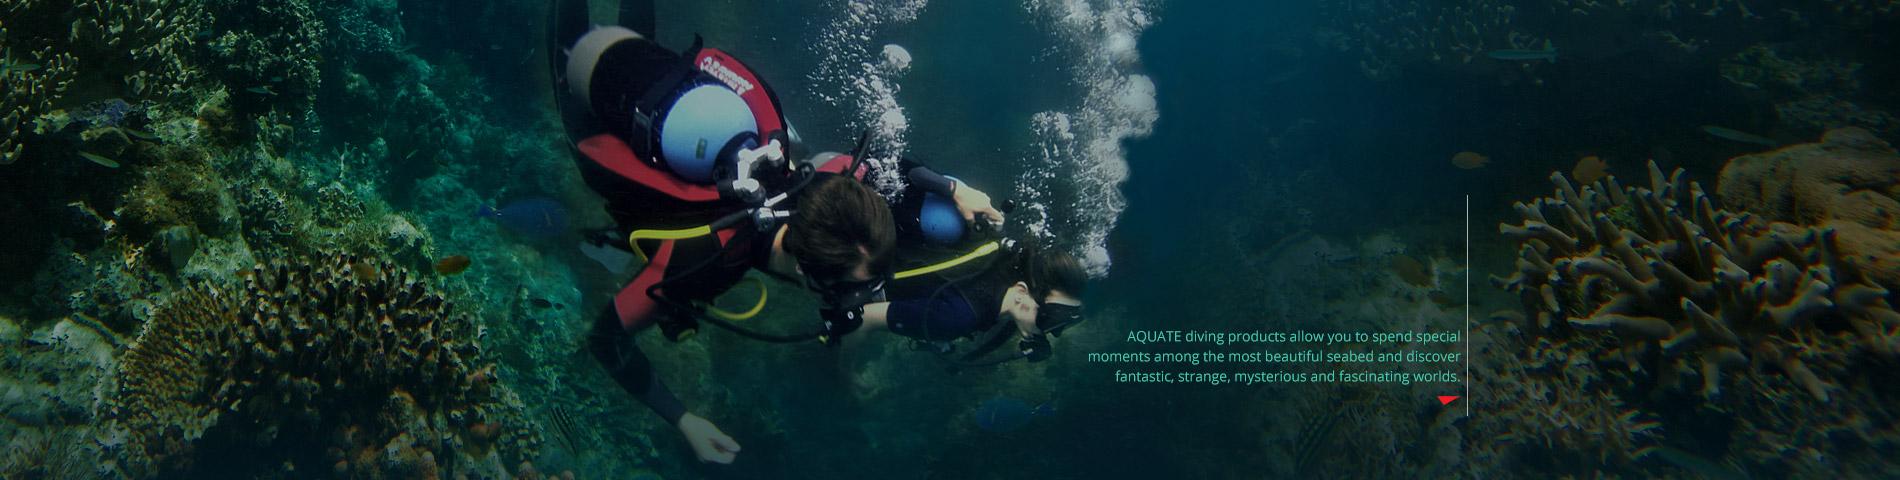 AQUATEC Innovatieve producten voor duiksport